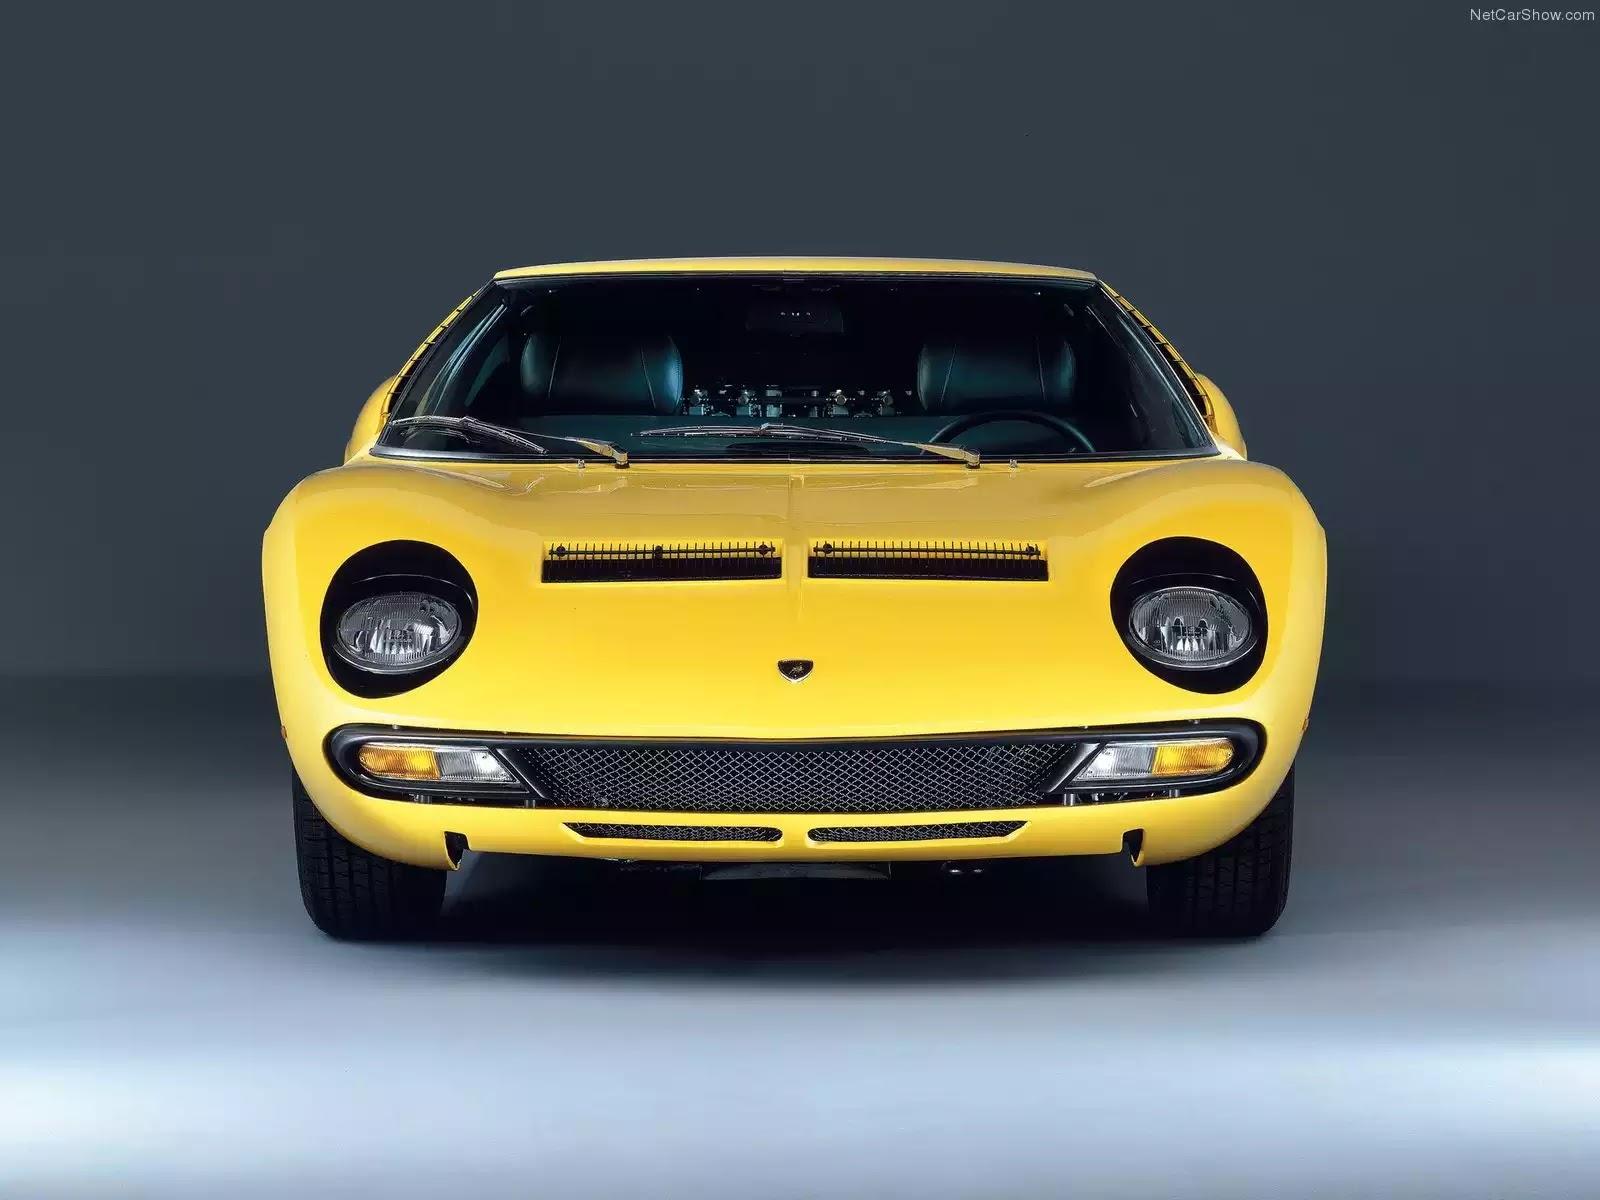 Hình ảnh siêu xe Lamborghini Miura SV 1971 & nội ngoại thất